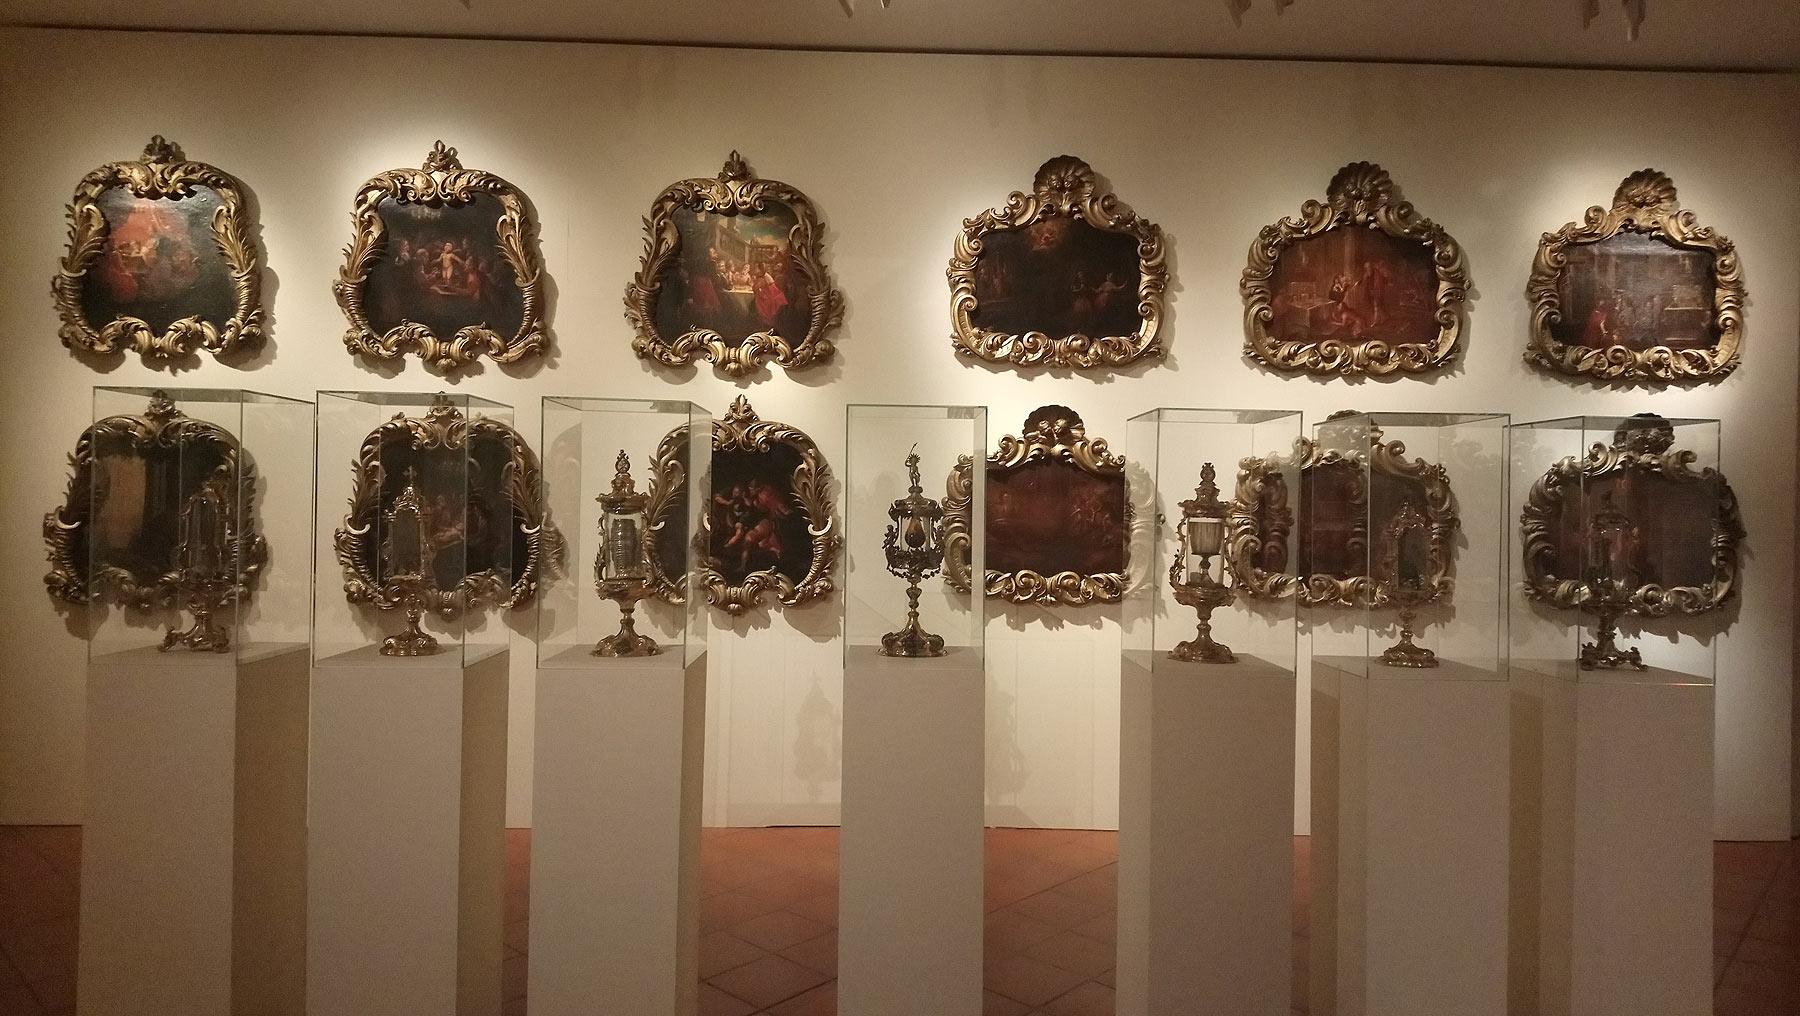 Le tele processionali con le storie e i miracoli di Simonino da Trento